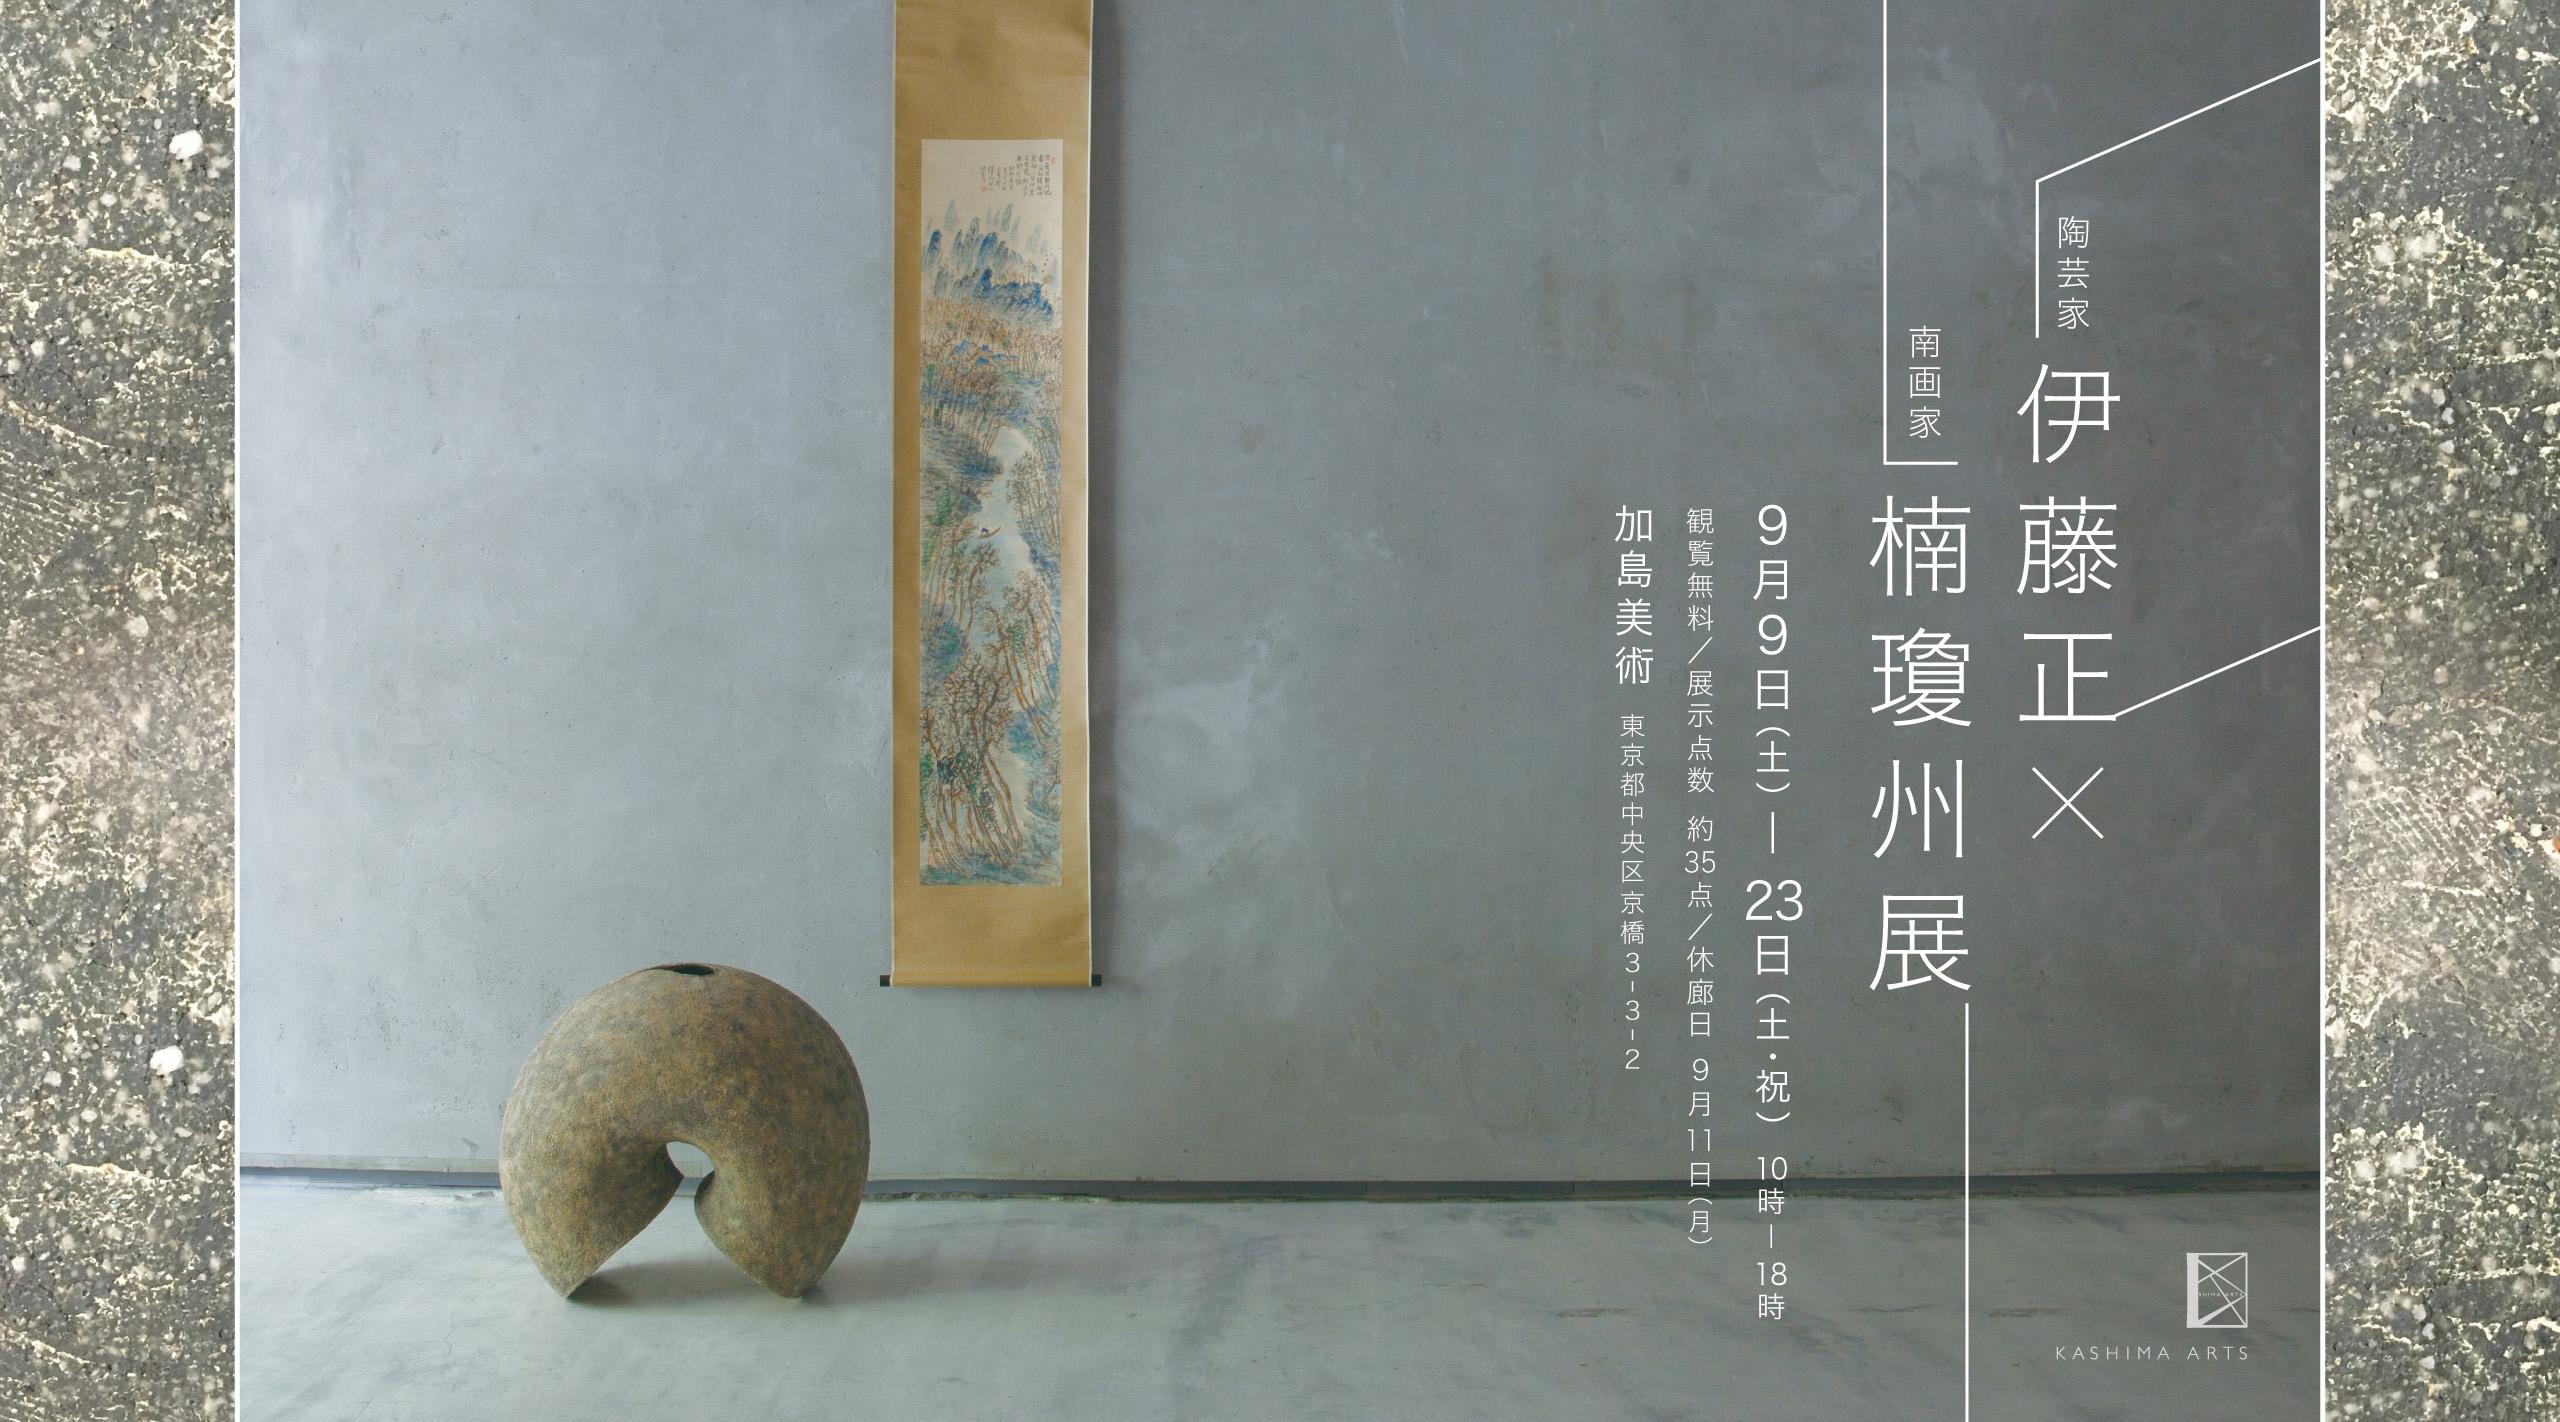 陶芸家 伊藤正 × 南画家 楠瓊州展